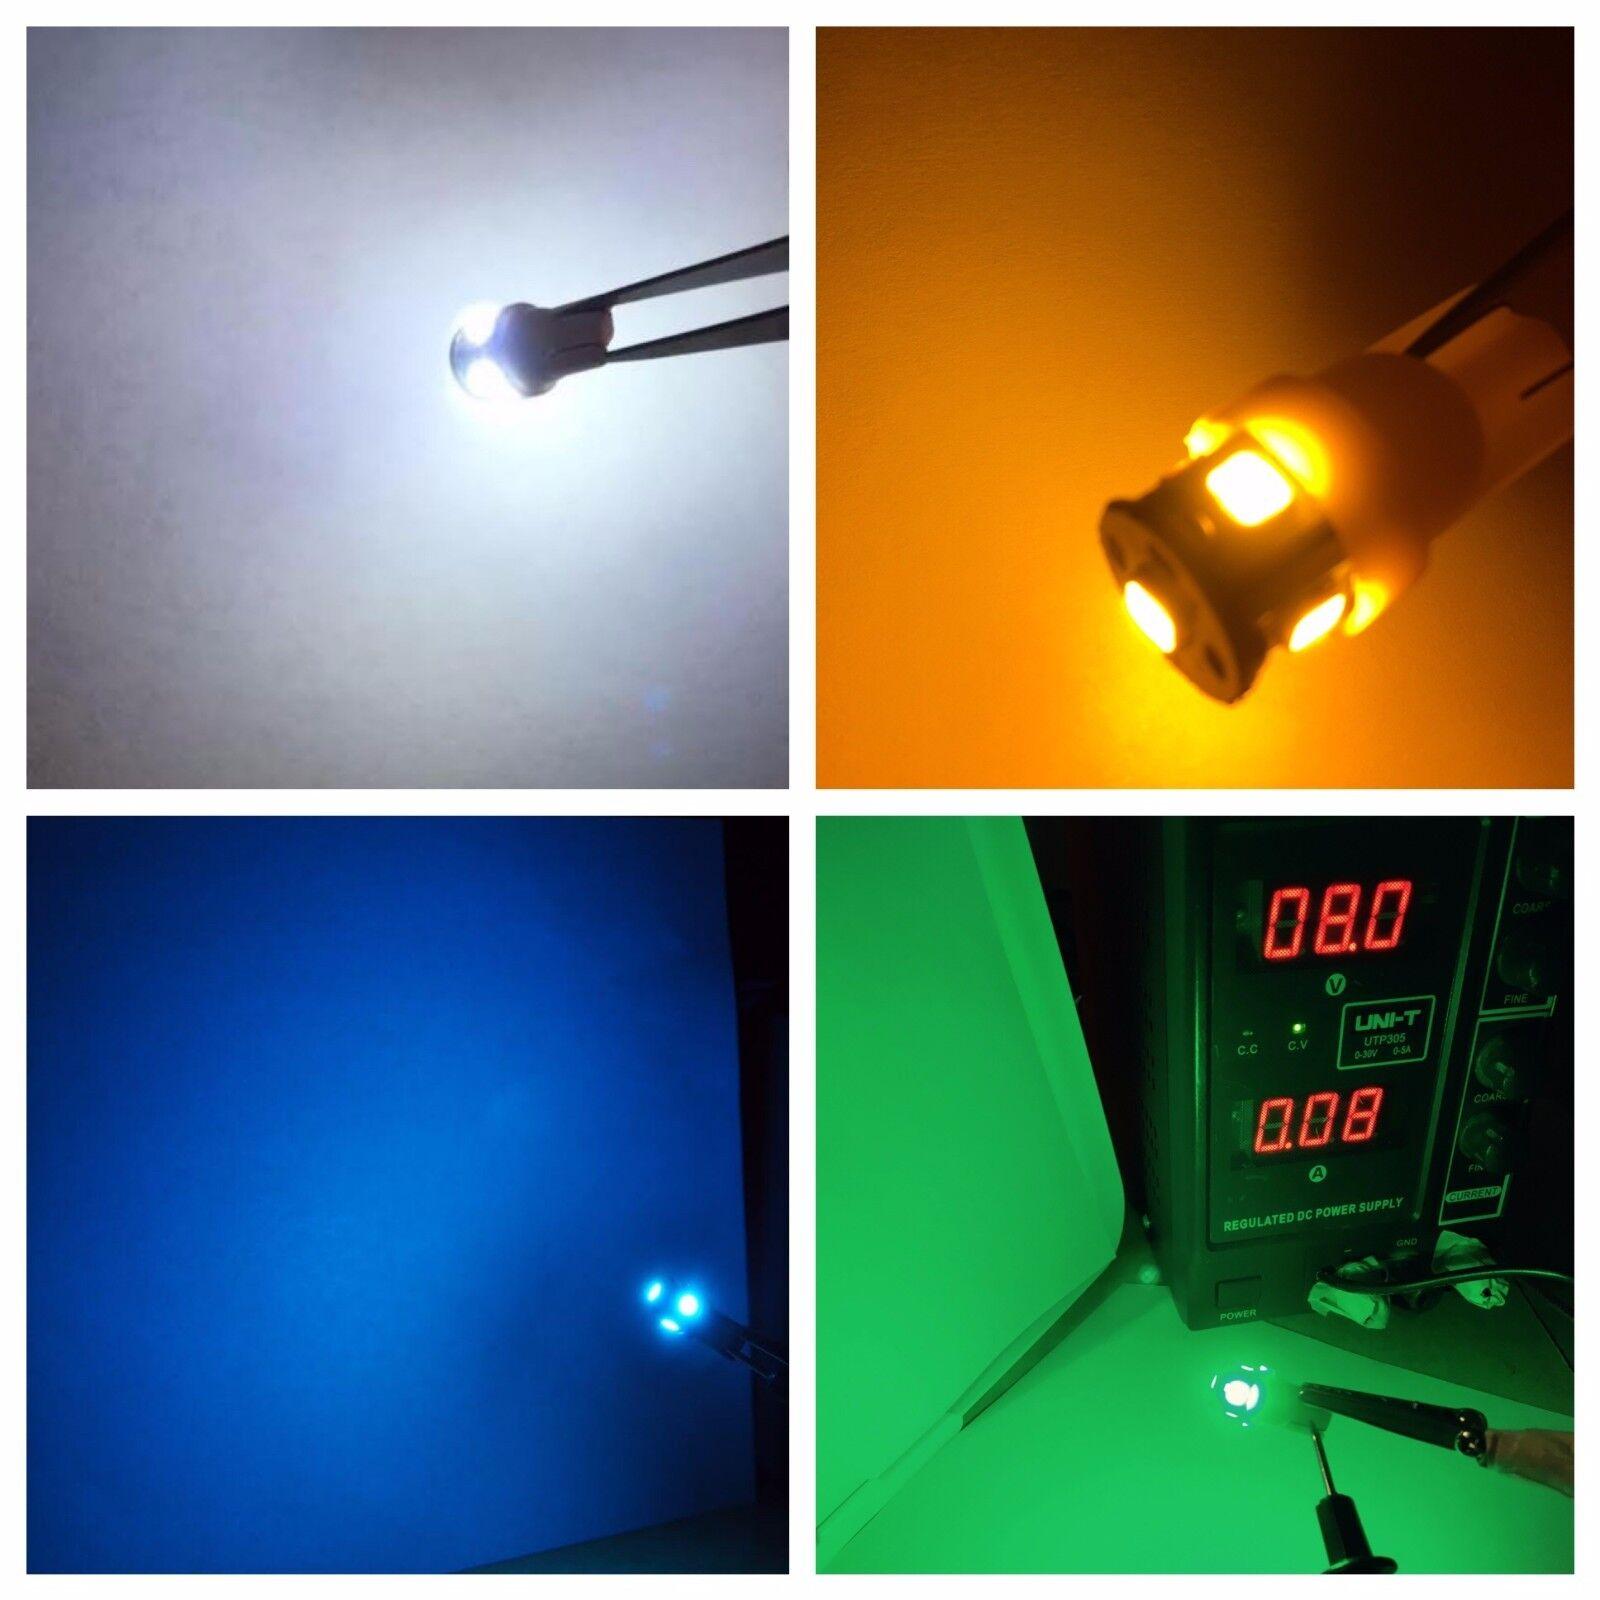 (25)WEDGE BASE 8V LED LAMP/G-3500,G-301,G-401,G-701,G-801,G-901/ RECEIVER-Sansui